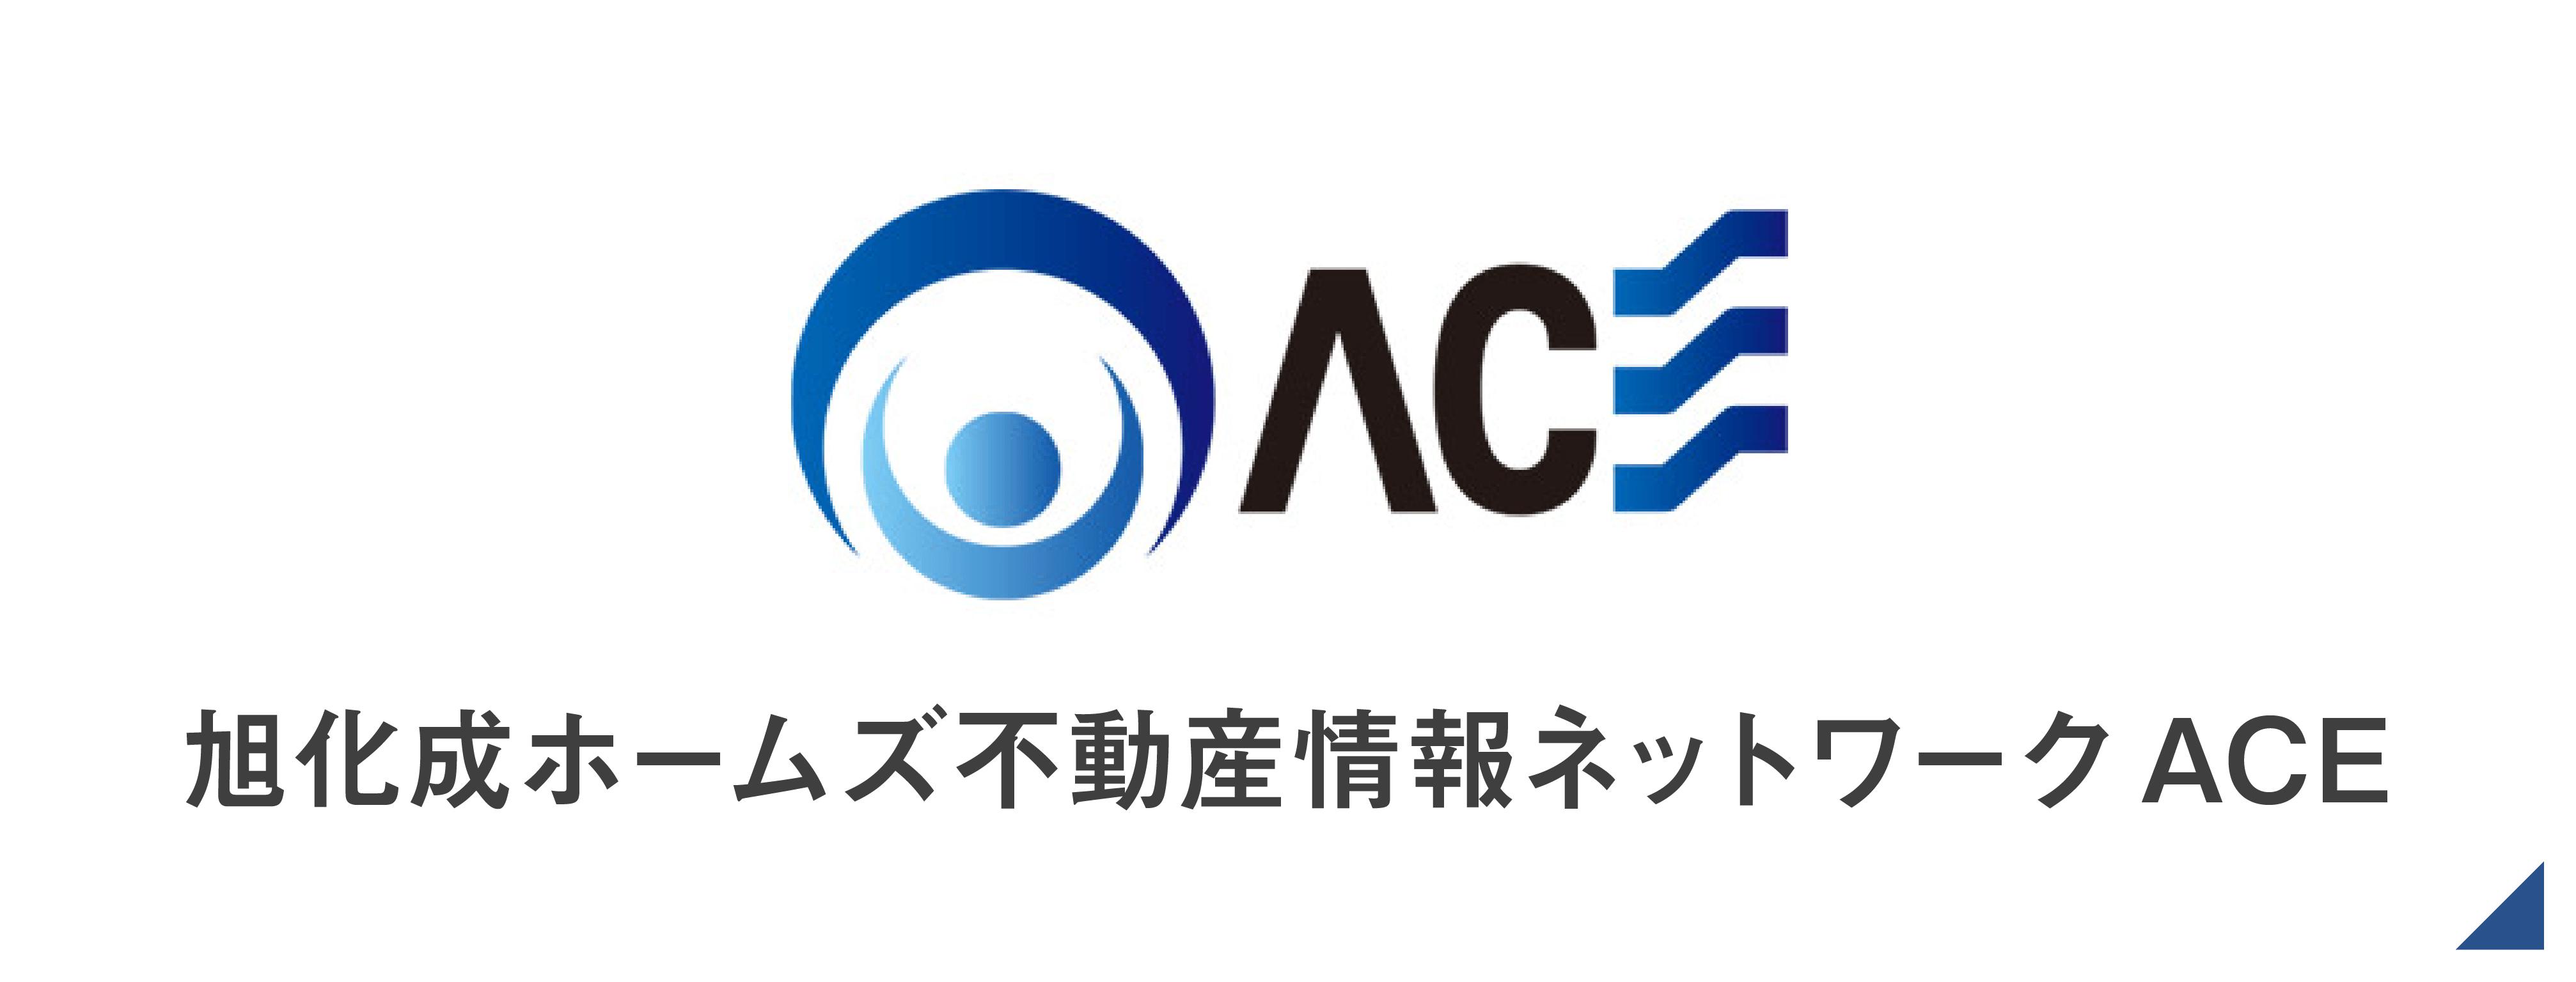 旭化成ホームズ不動産情報ネットワーク ACE